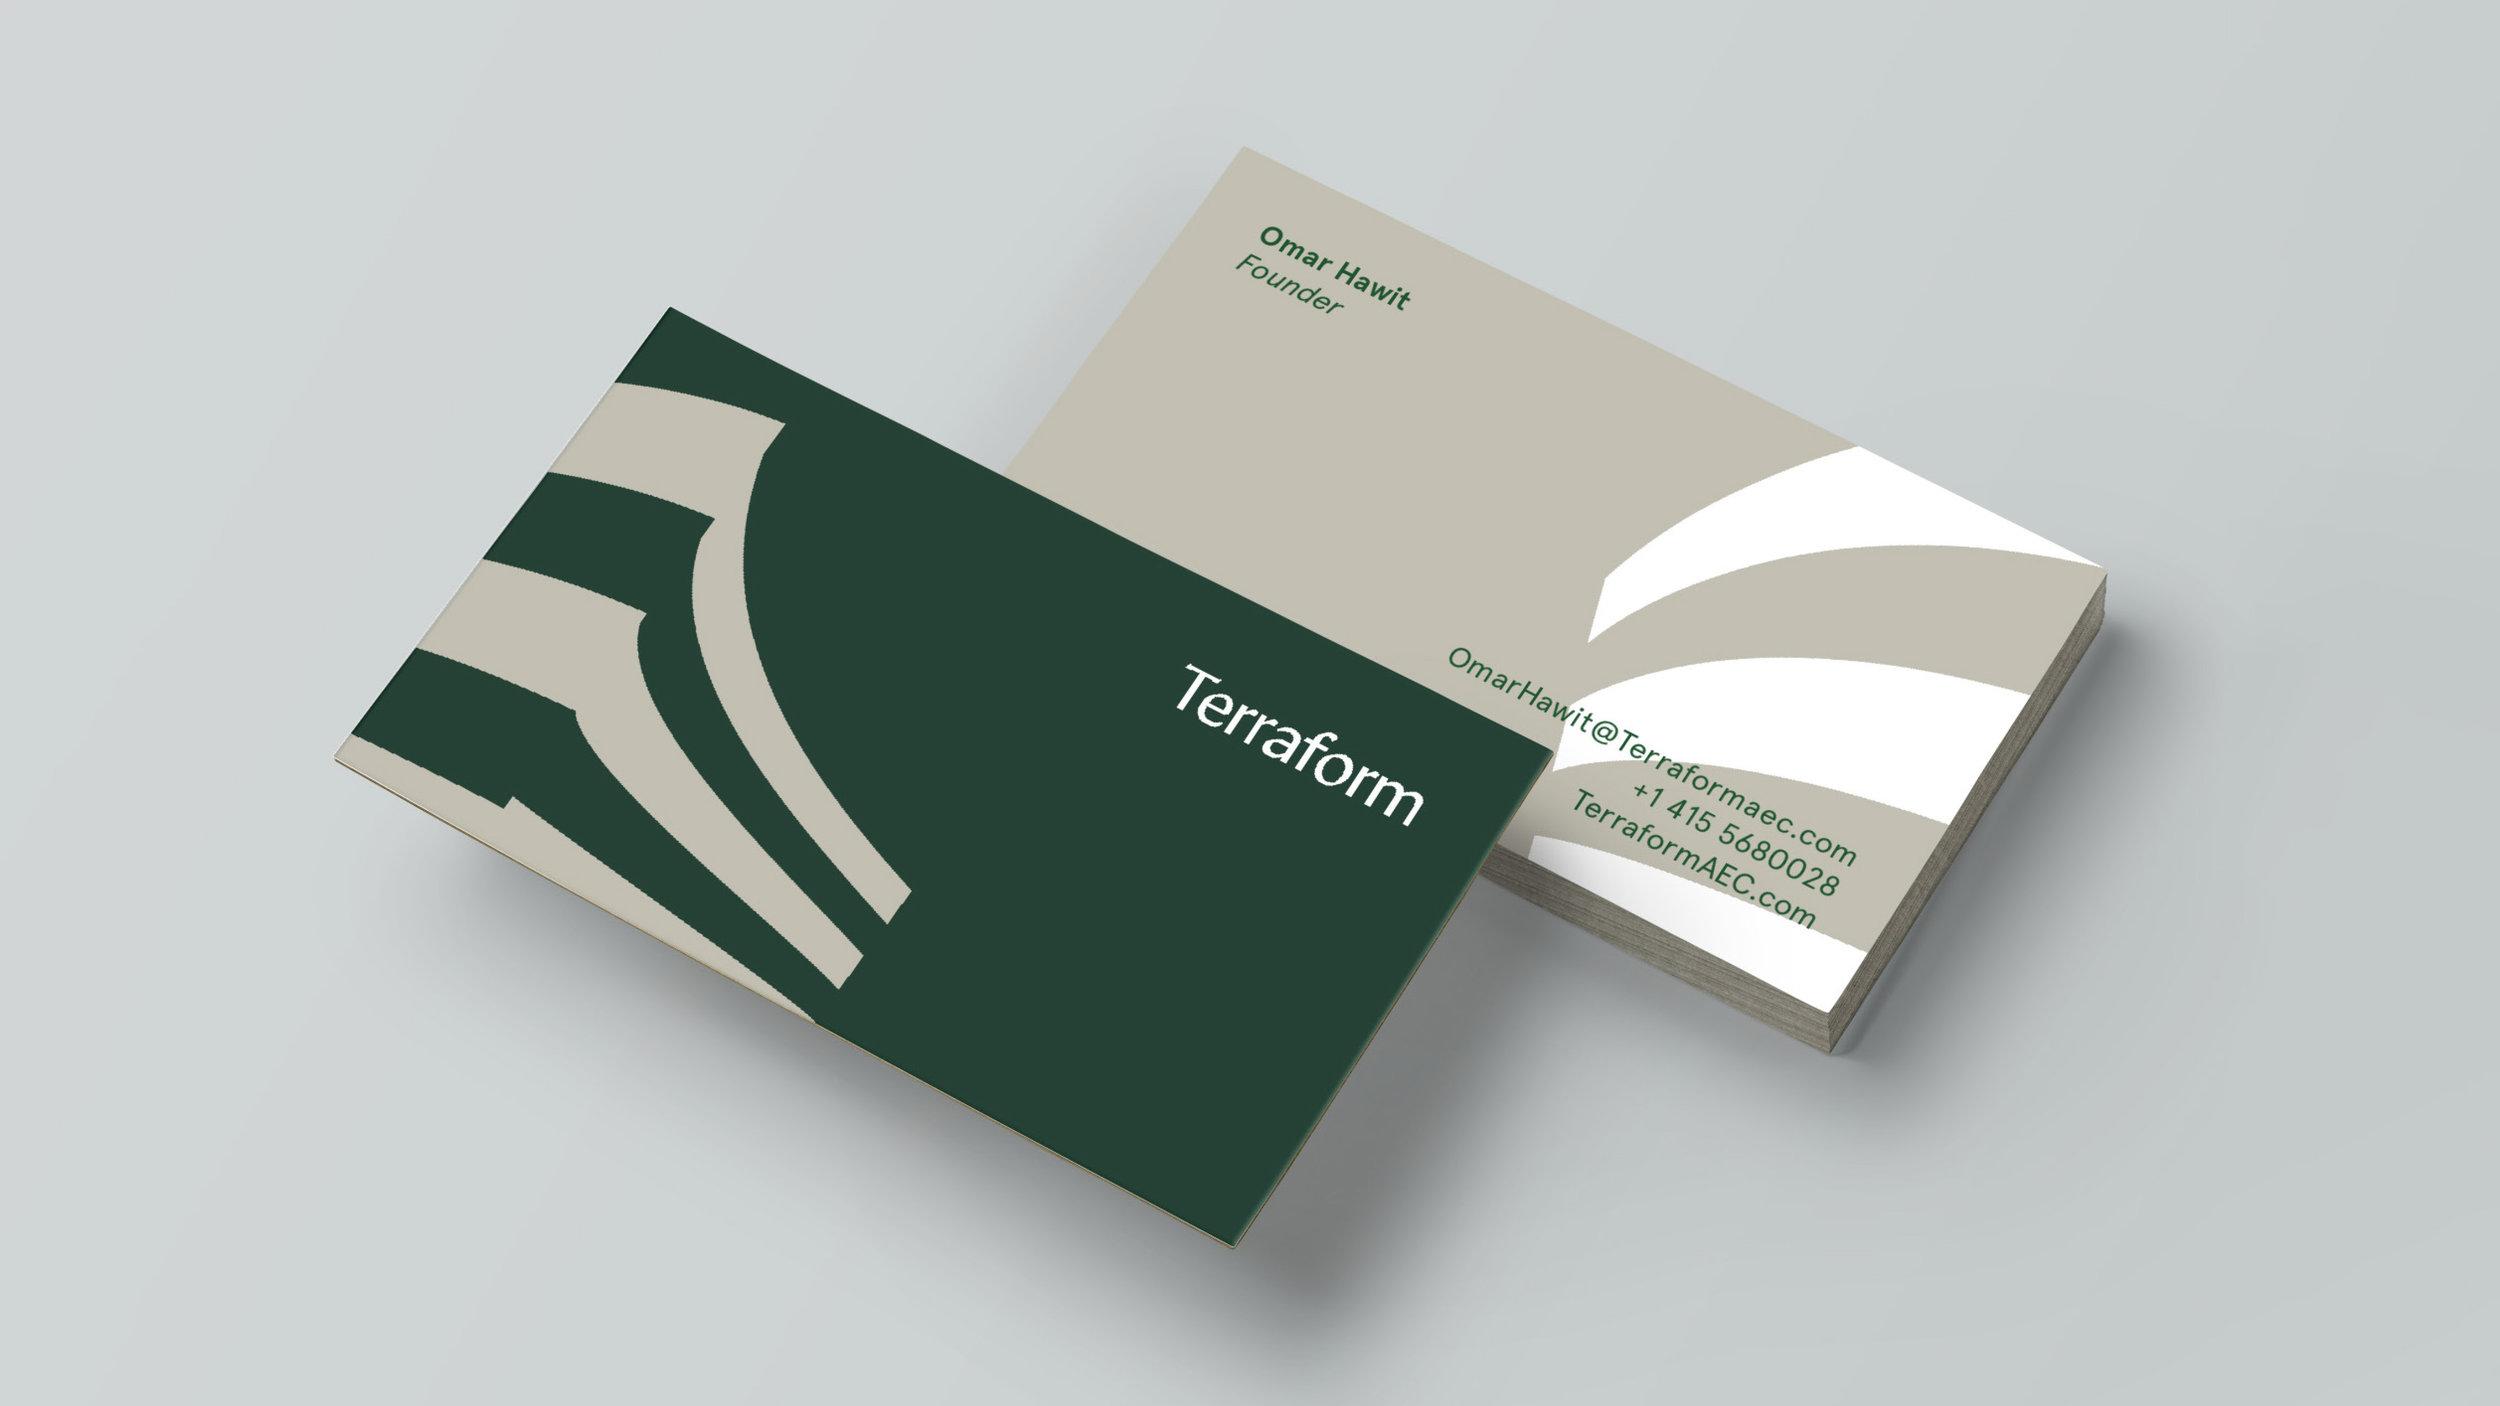 Terraform_logo_073118-10.jpg